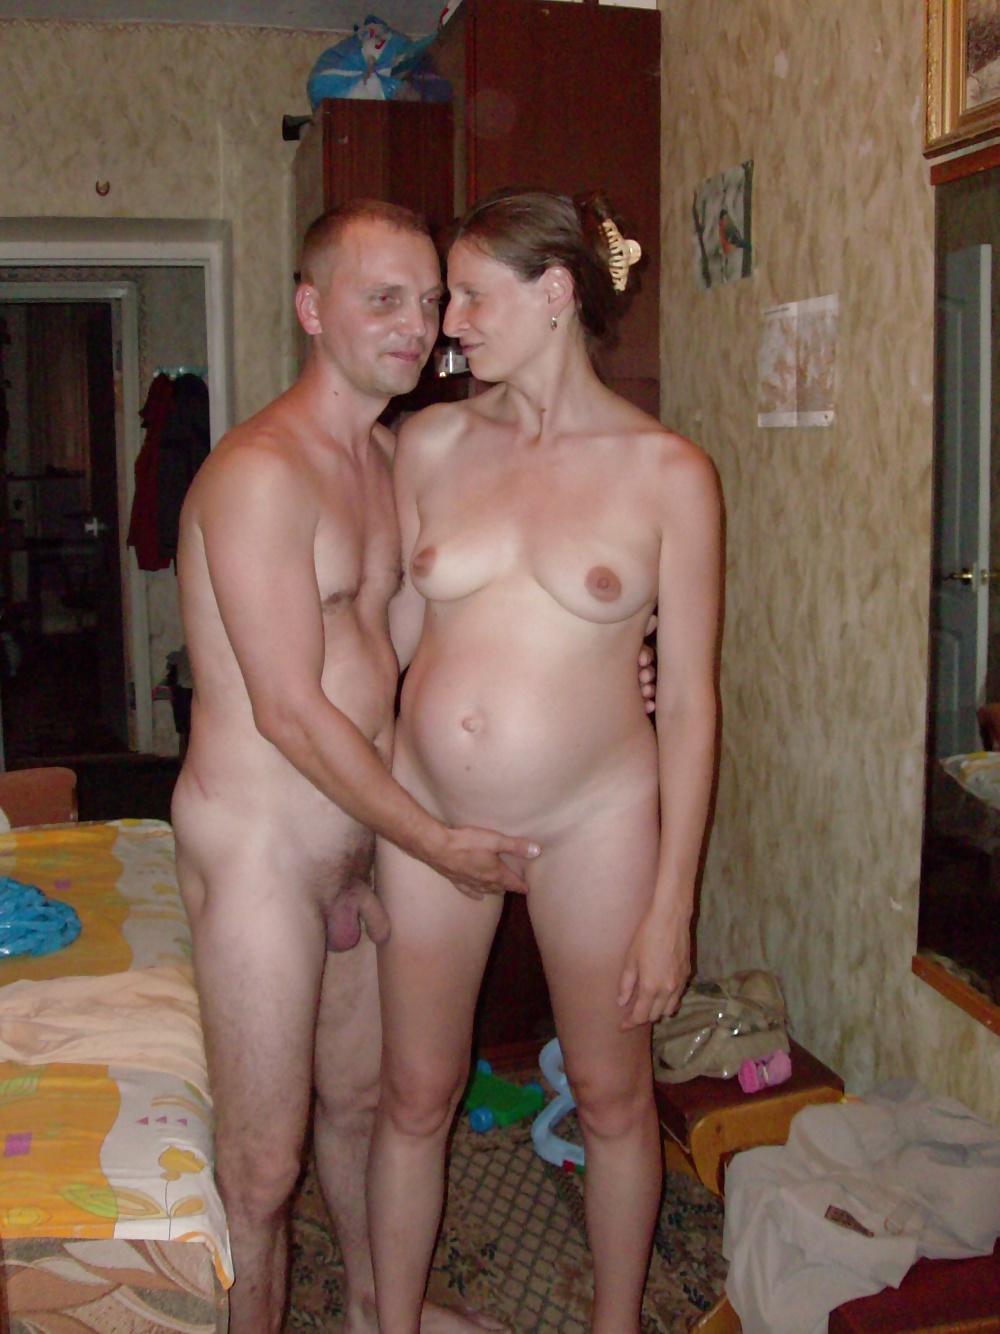 мужья фотографируют своих жен интим фото - 8